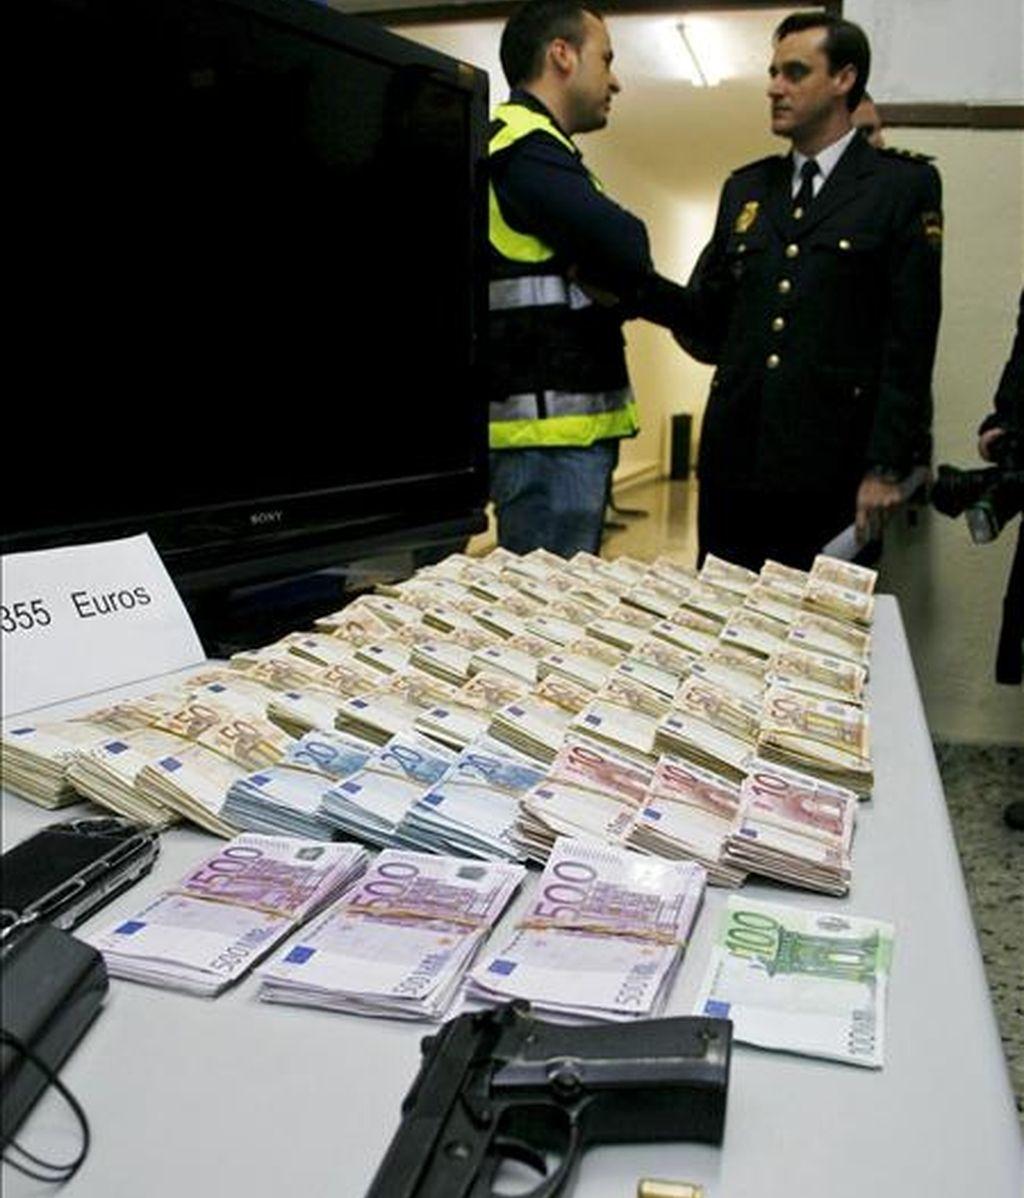 Parte del material incautado por la Policía Nacional de Alicante en una operación en la que se han detenido a siete personas, que habían robado 1,5 millones de euros a un empresario y han recuperado cerca de 300.000. EFE